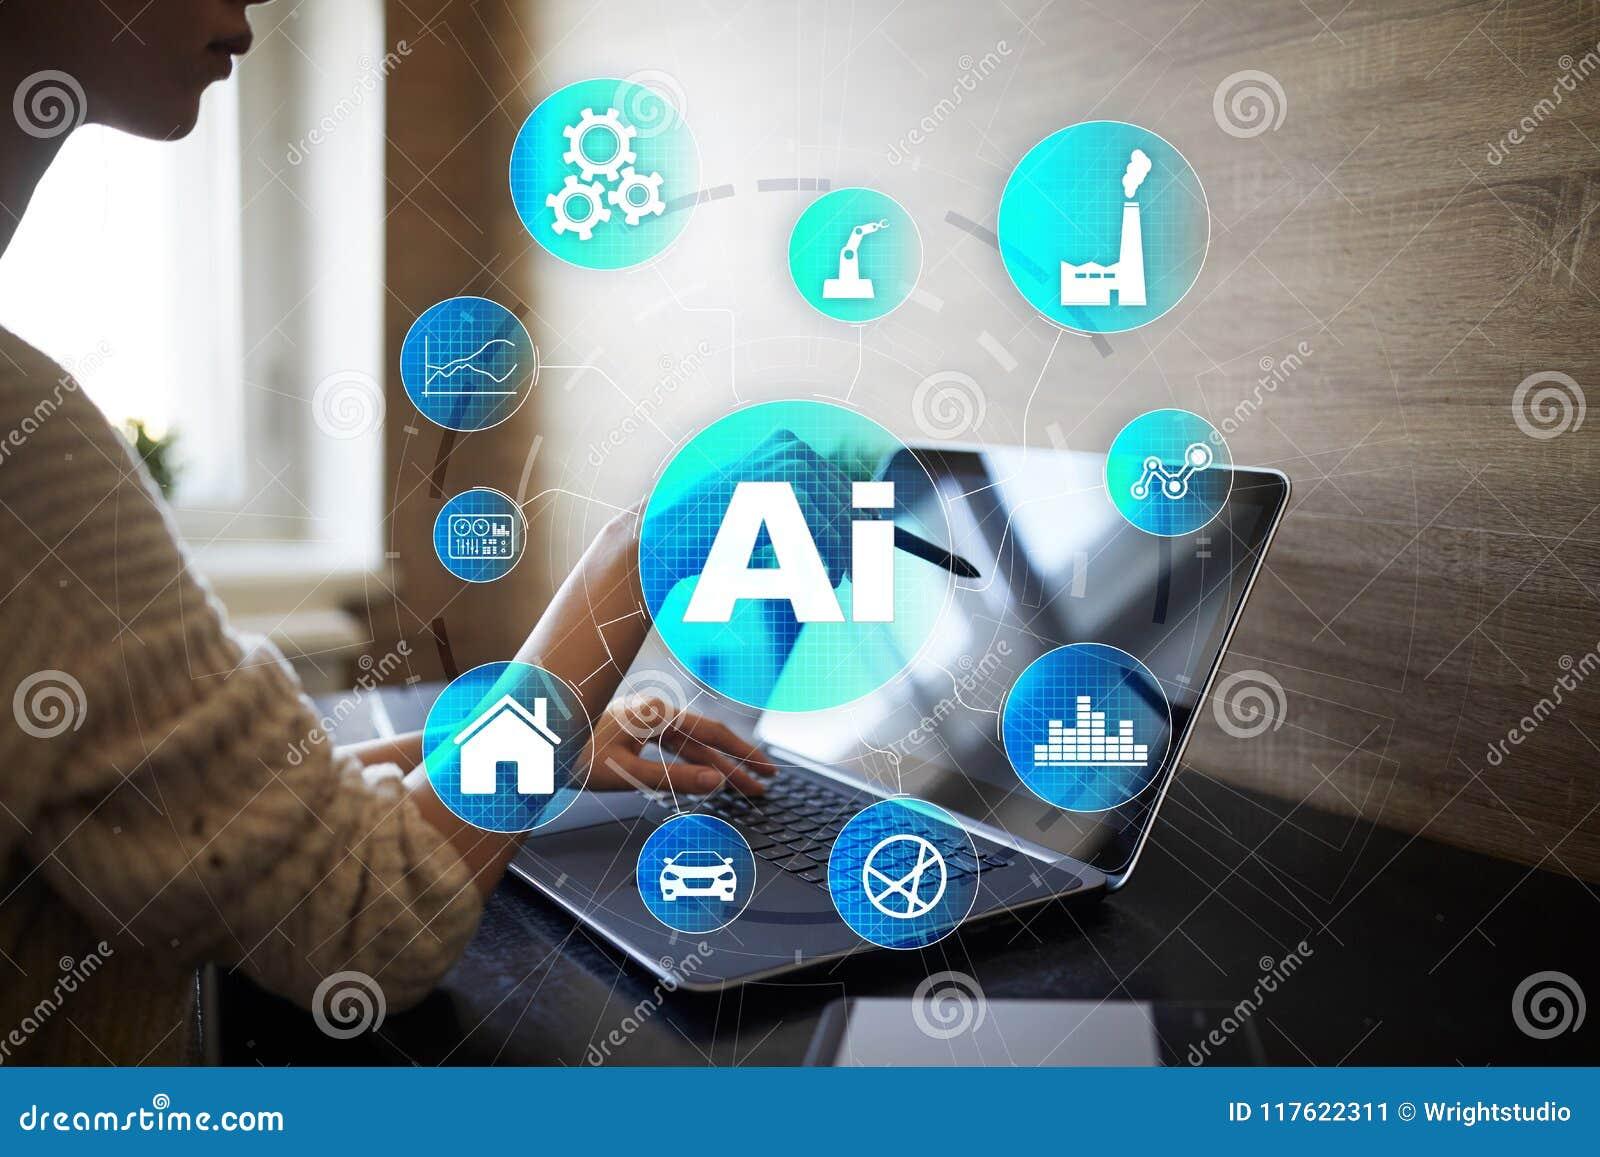 AI, inteligencia artificial, aprendizaje de máquina, redes neuronales y conceptos modernos de las tecnologías IOT y automatizació